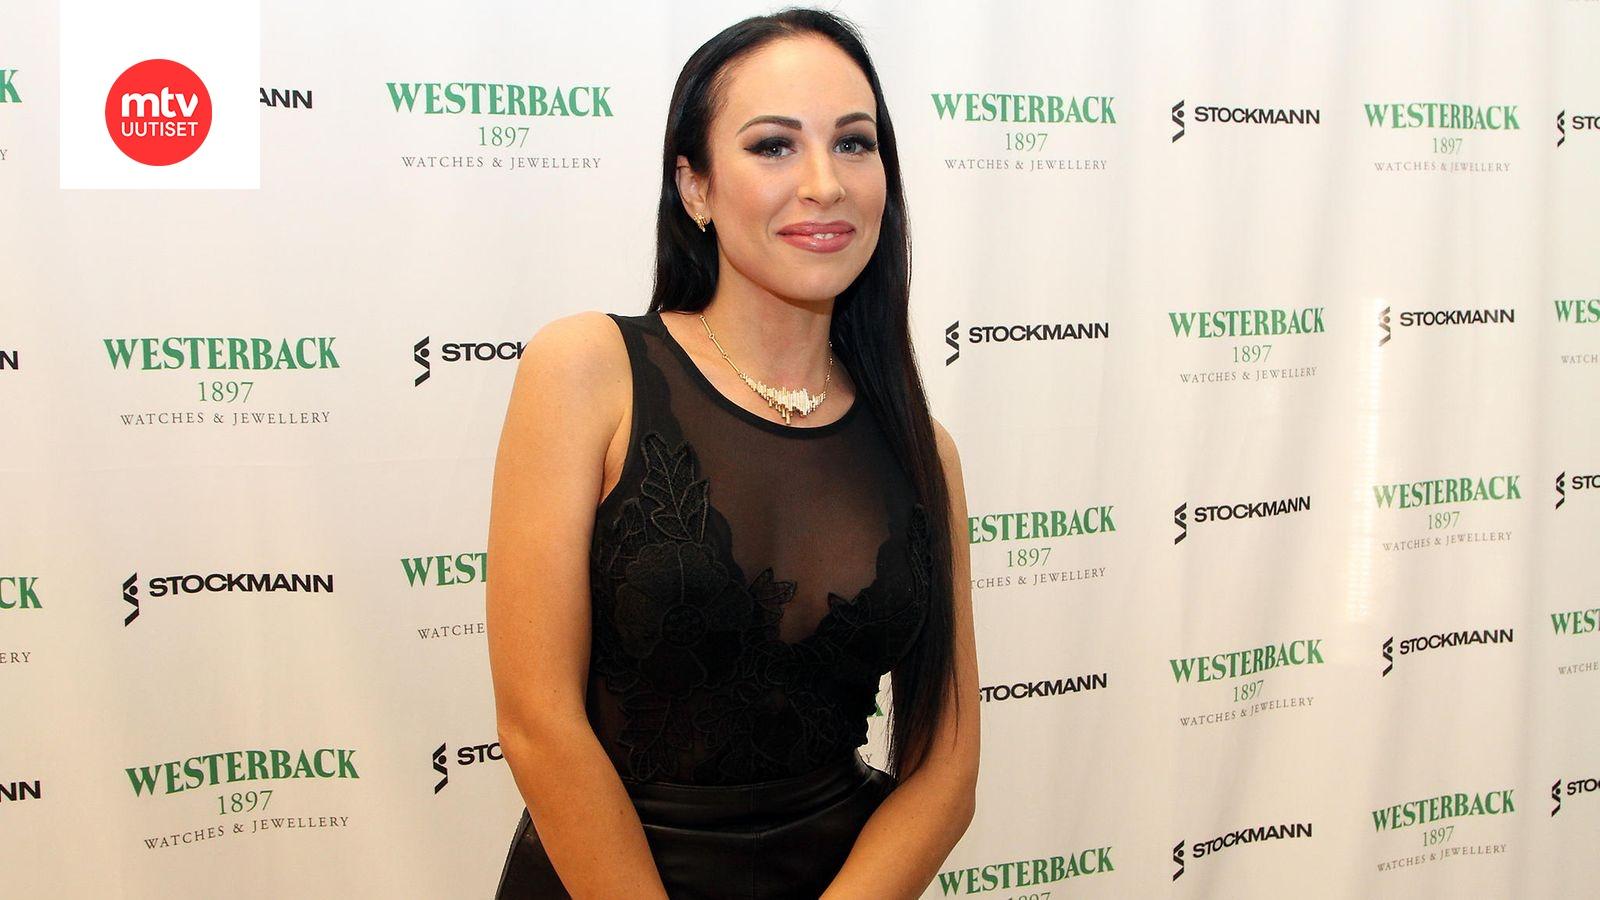 Westerback avaa kuusi kellomyymälää Stockmann-tavarataloihin